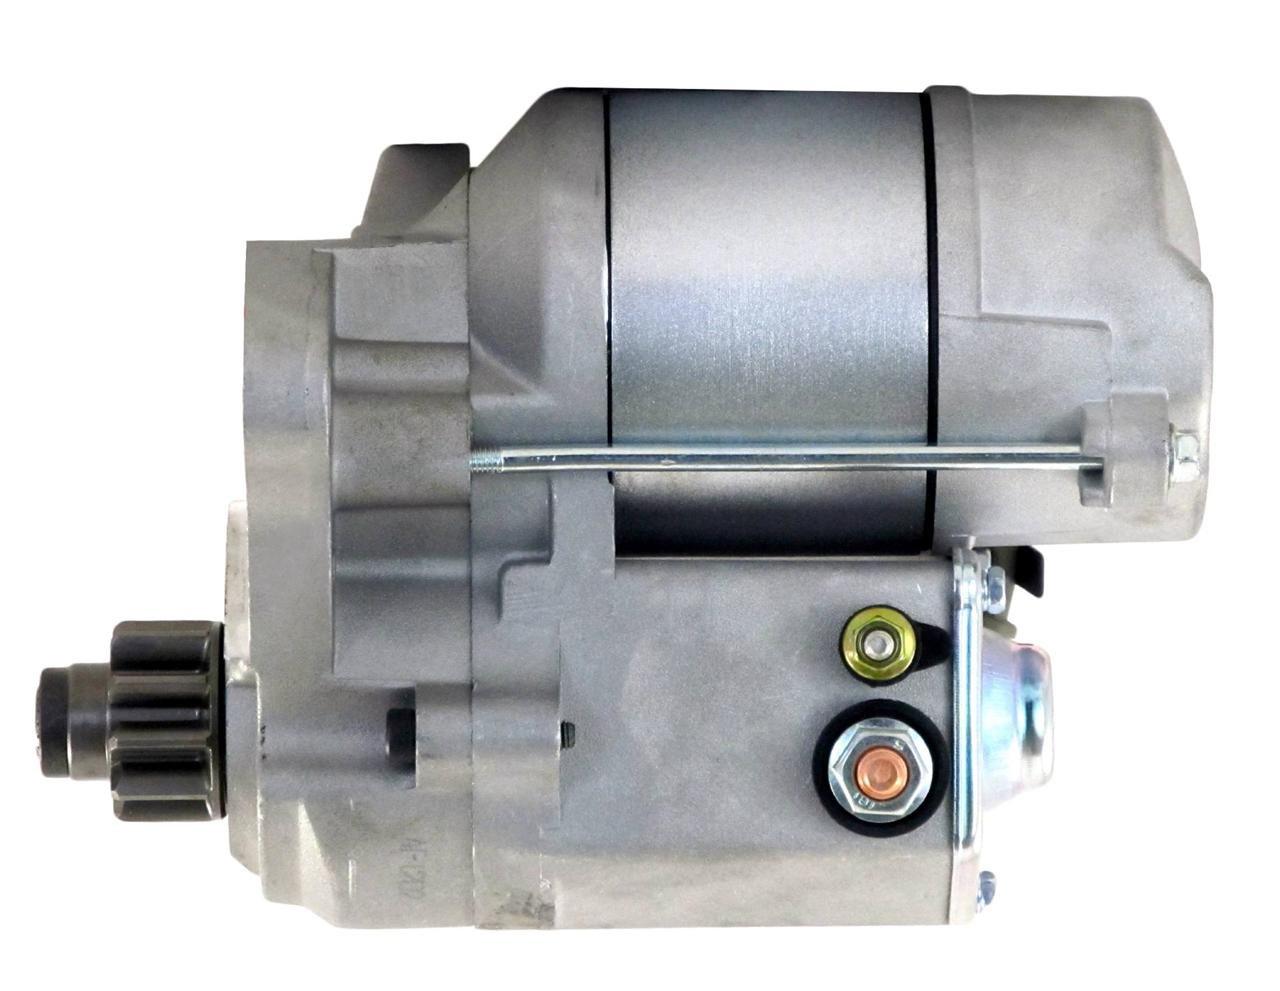 High Performance Starter Motor Fits Mopar Chysler Dodge Chrysler 440 Distributor Wiring Engines 383 400 413 426 Automotive